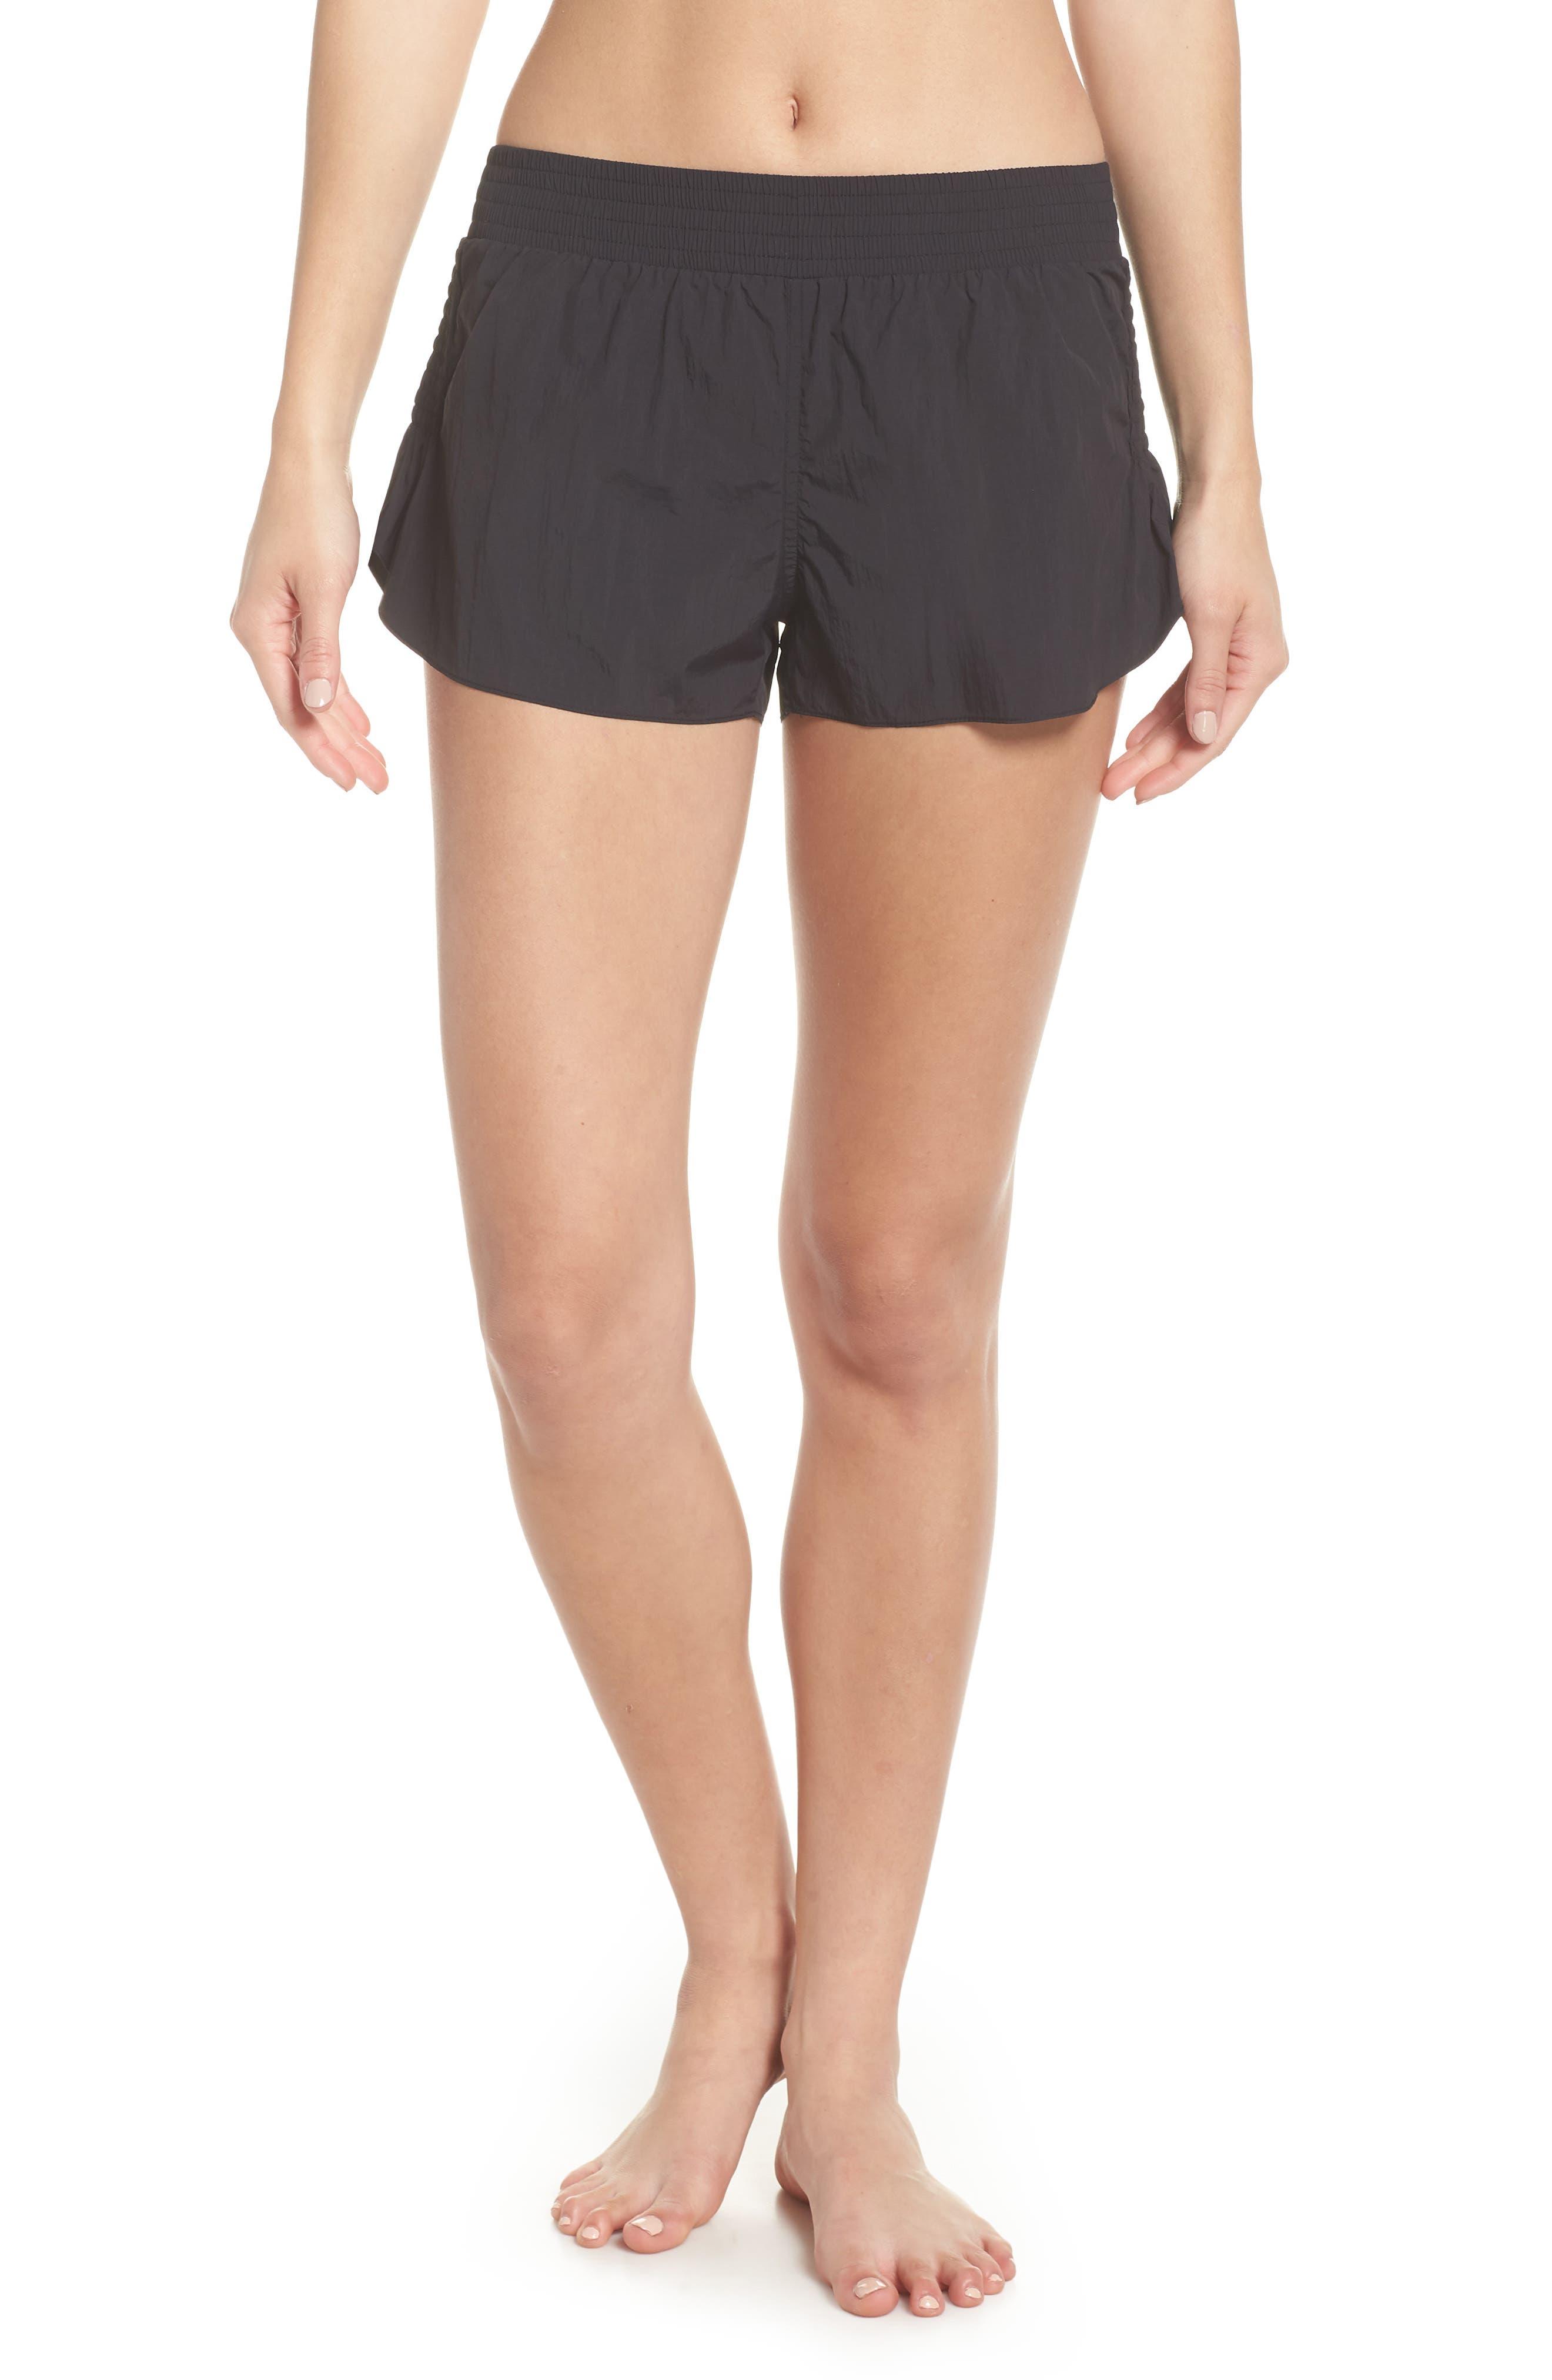 Fuji Shorts,                             Main thumbnail 1, color,                             001